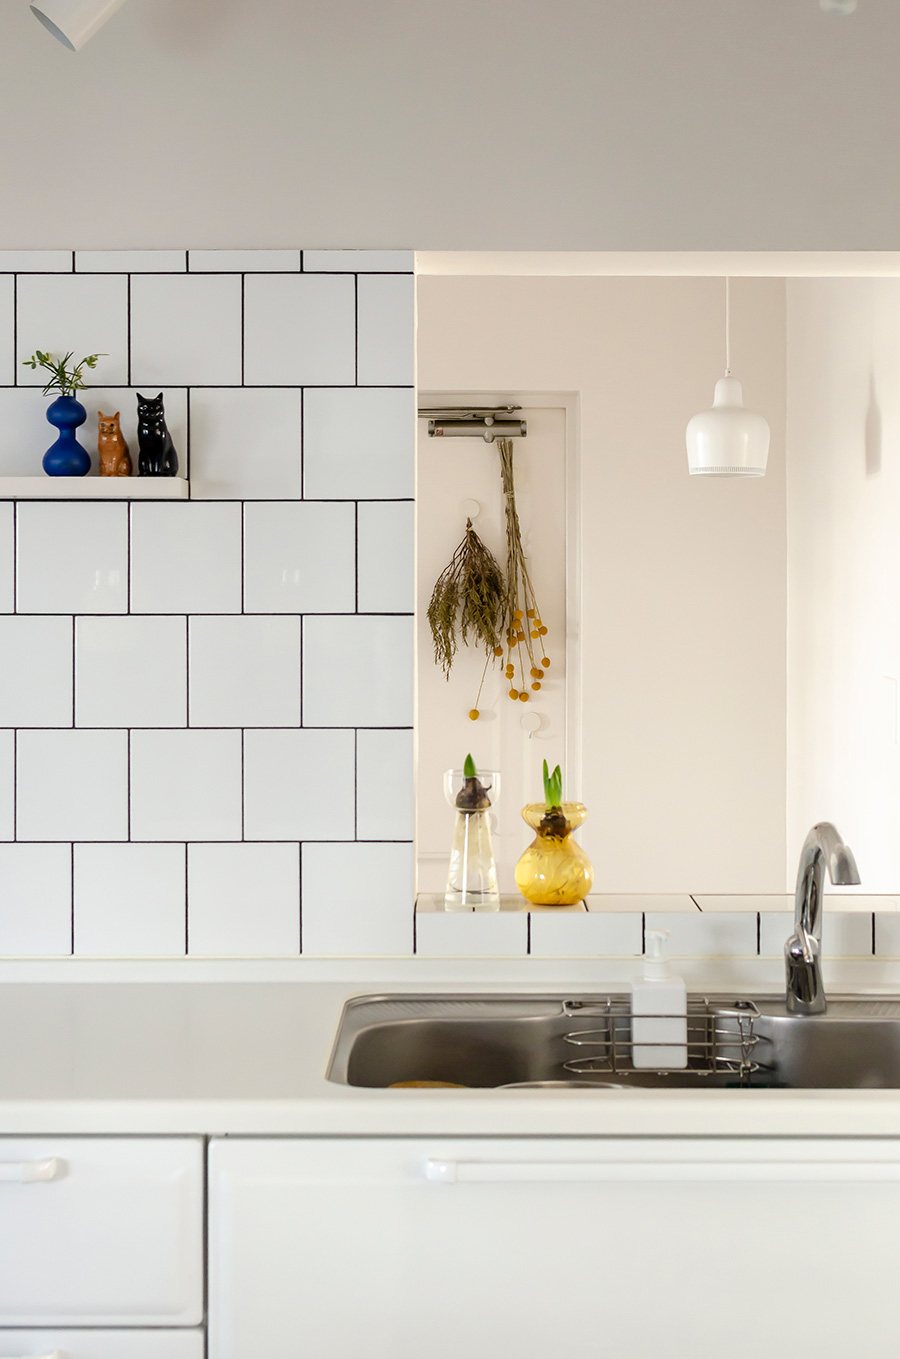 キッチン水栓はドイツの「GROHE」社製。